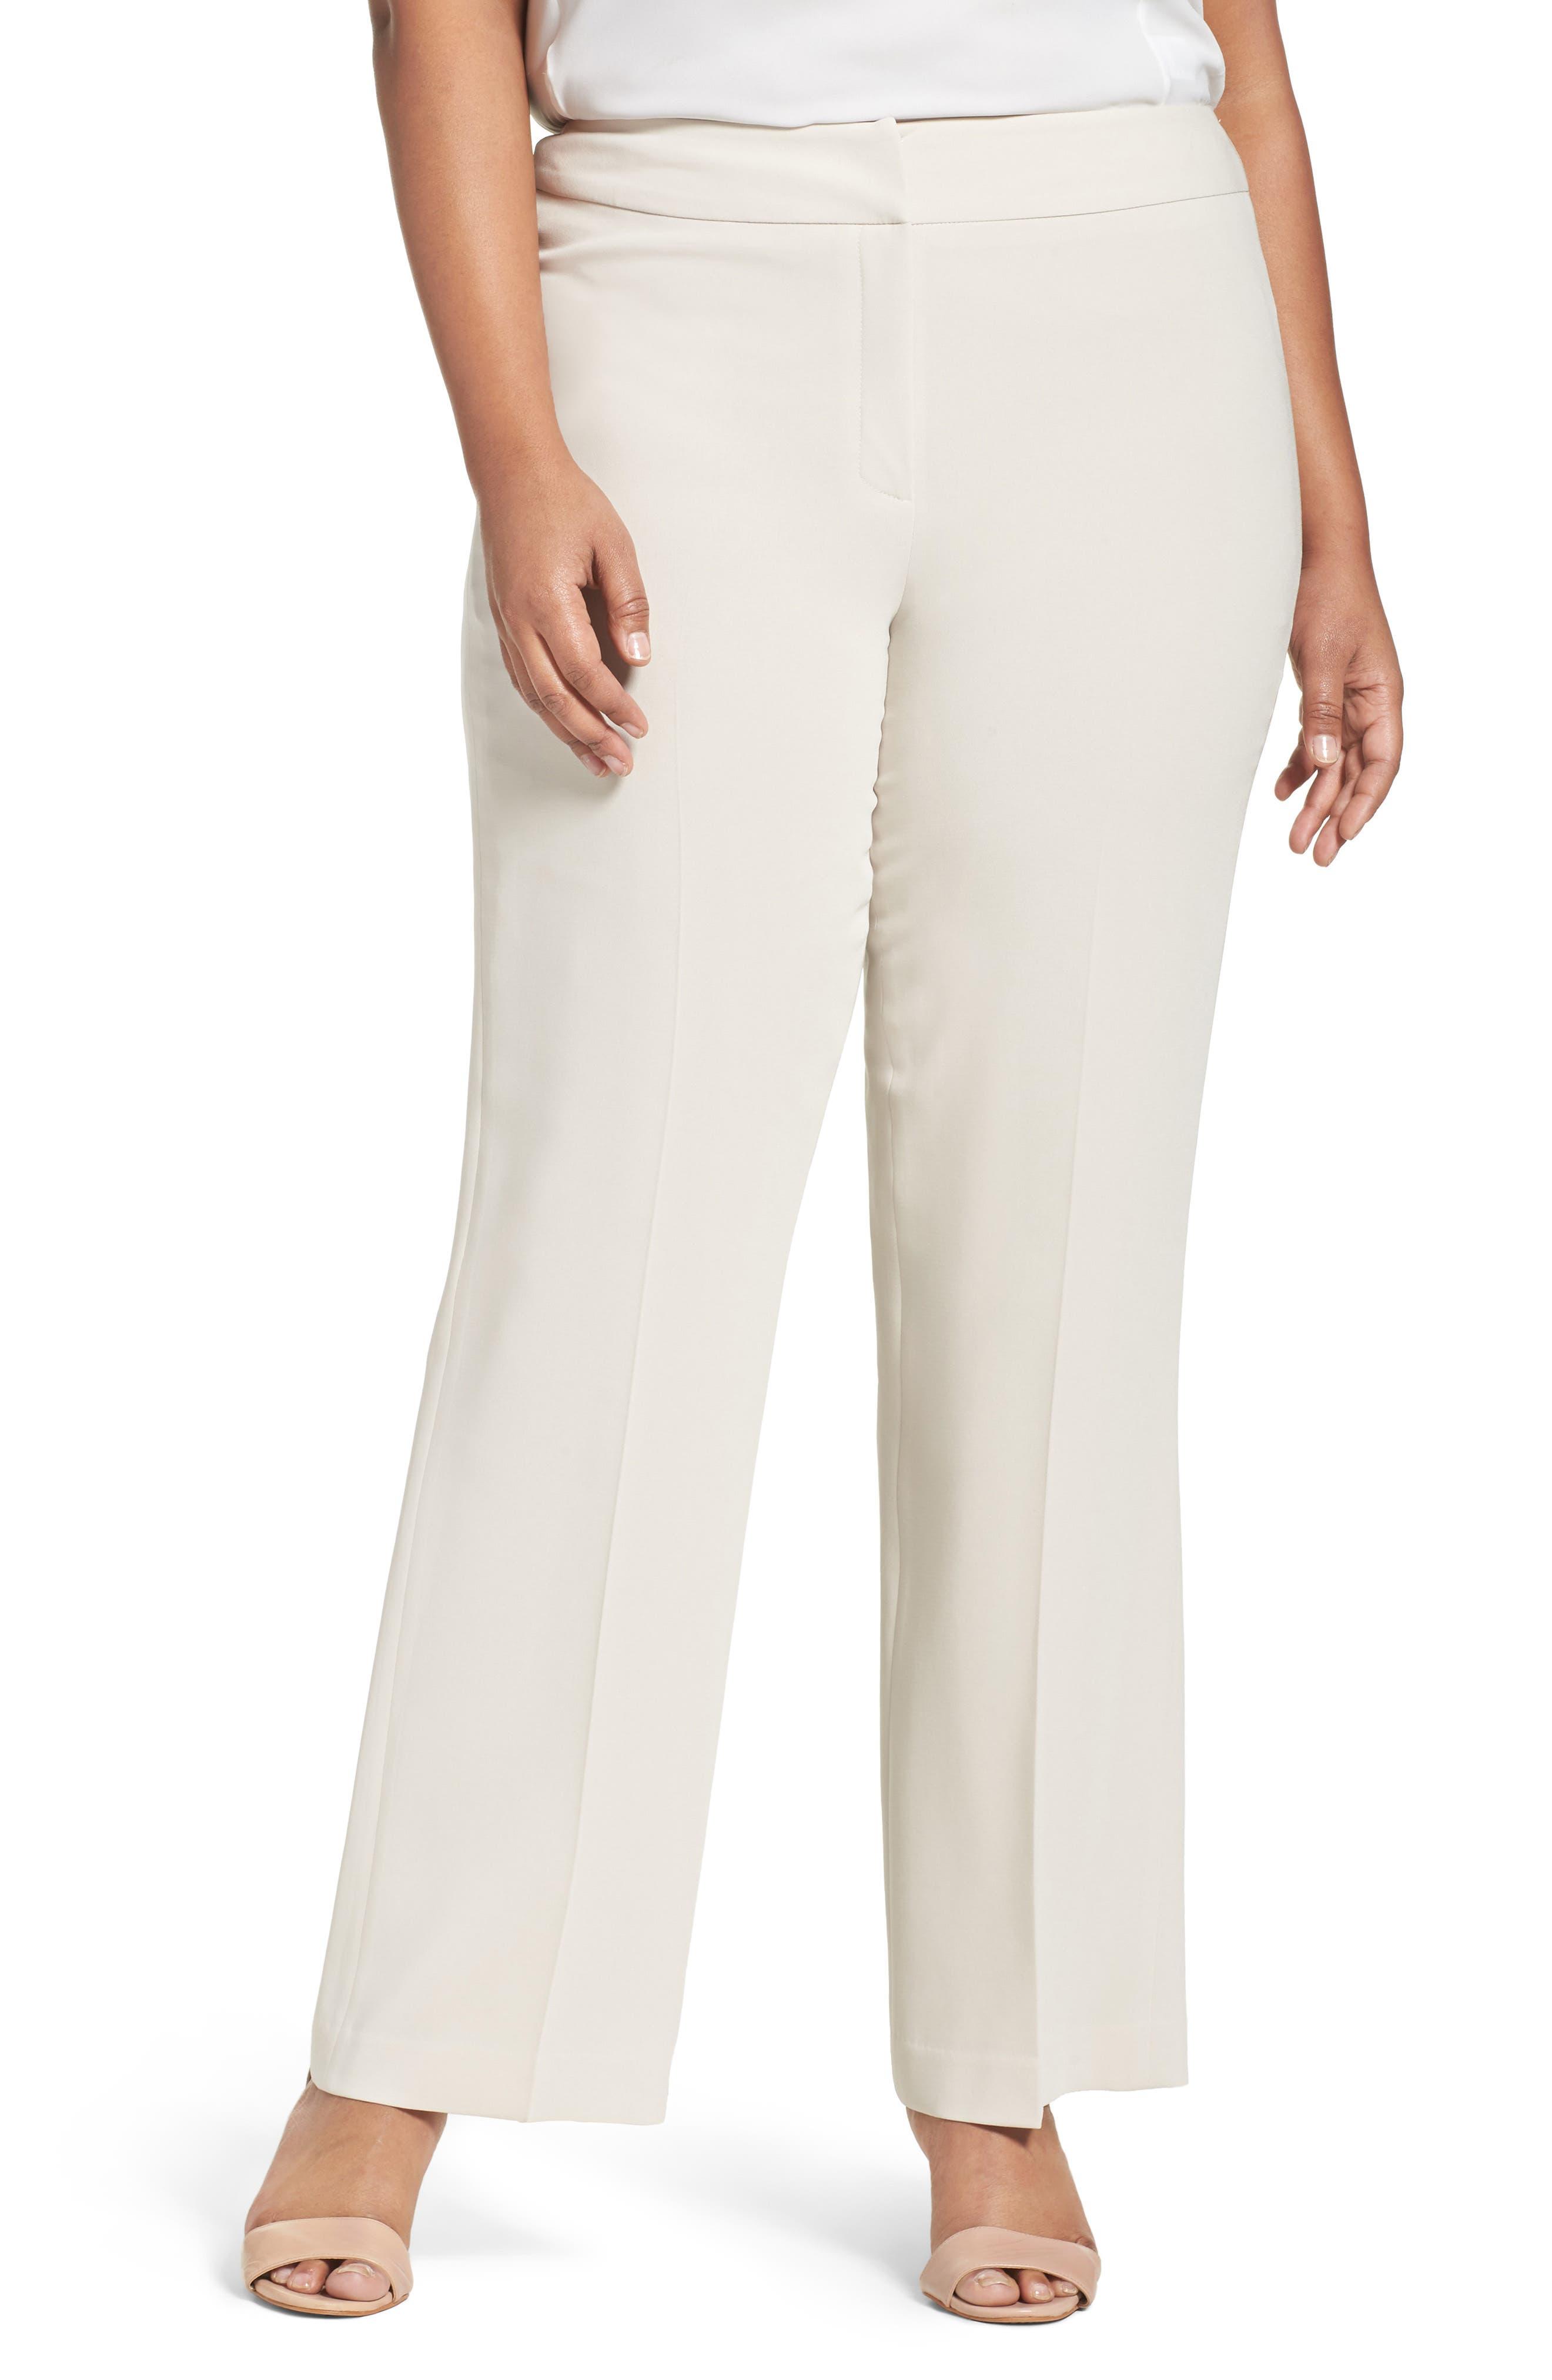 Alternate Image 1 Selected - Louben Suit Pants (Plus Size)